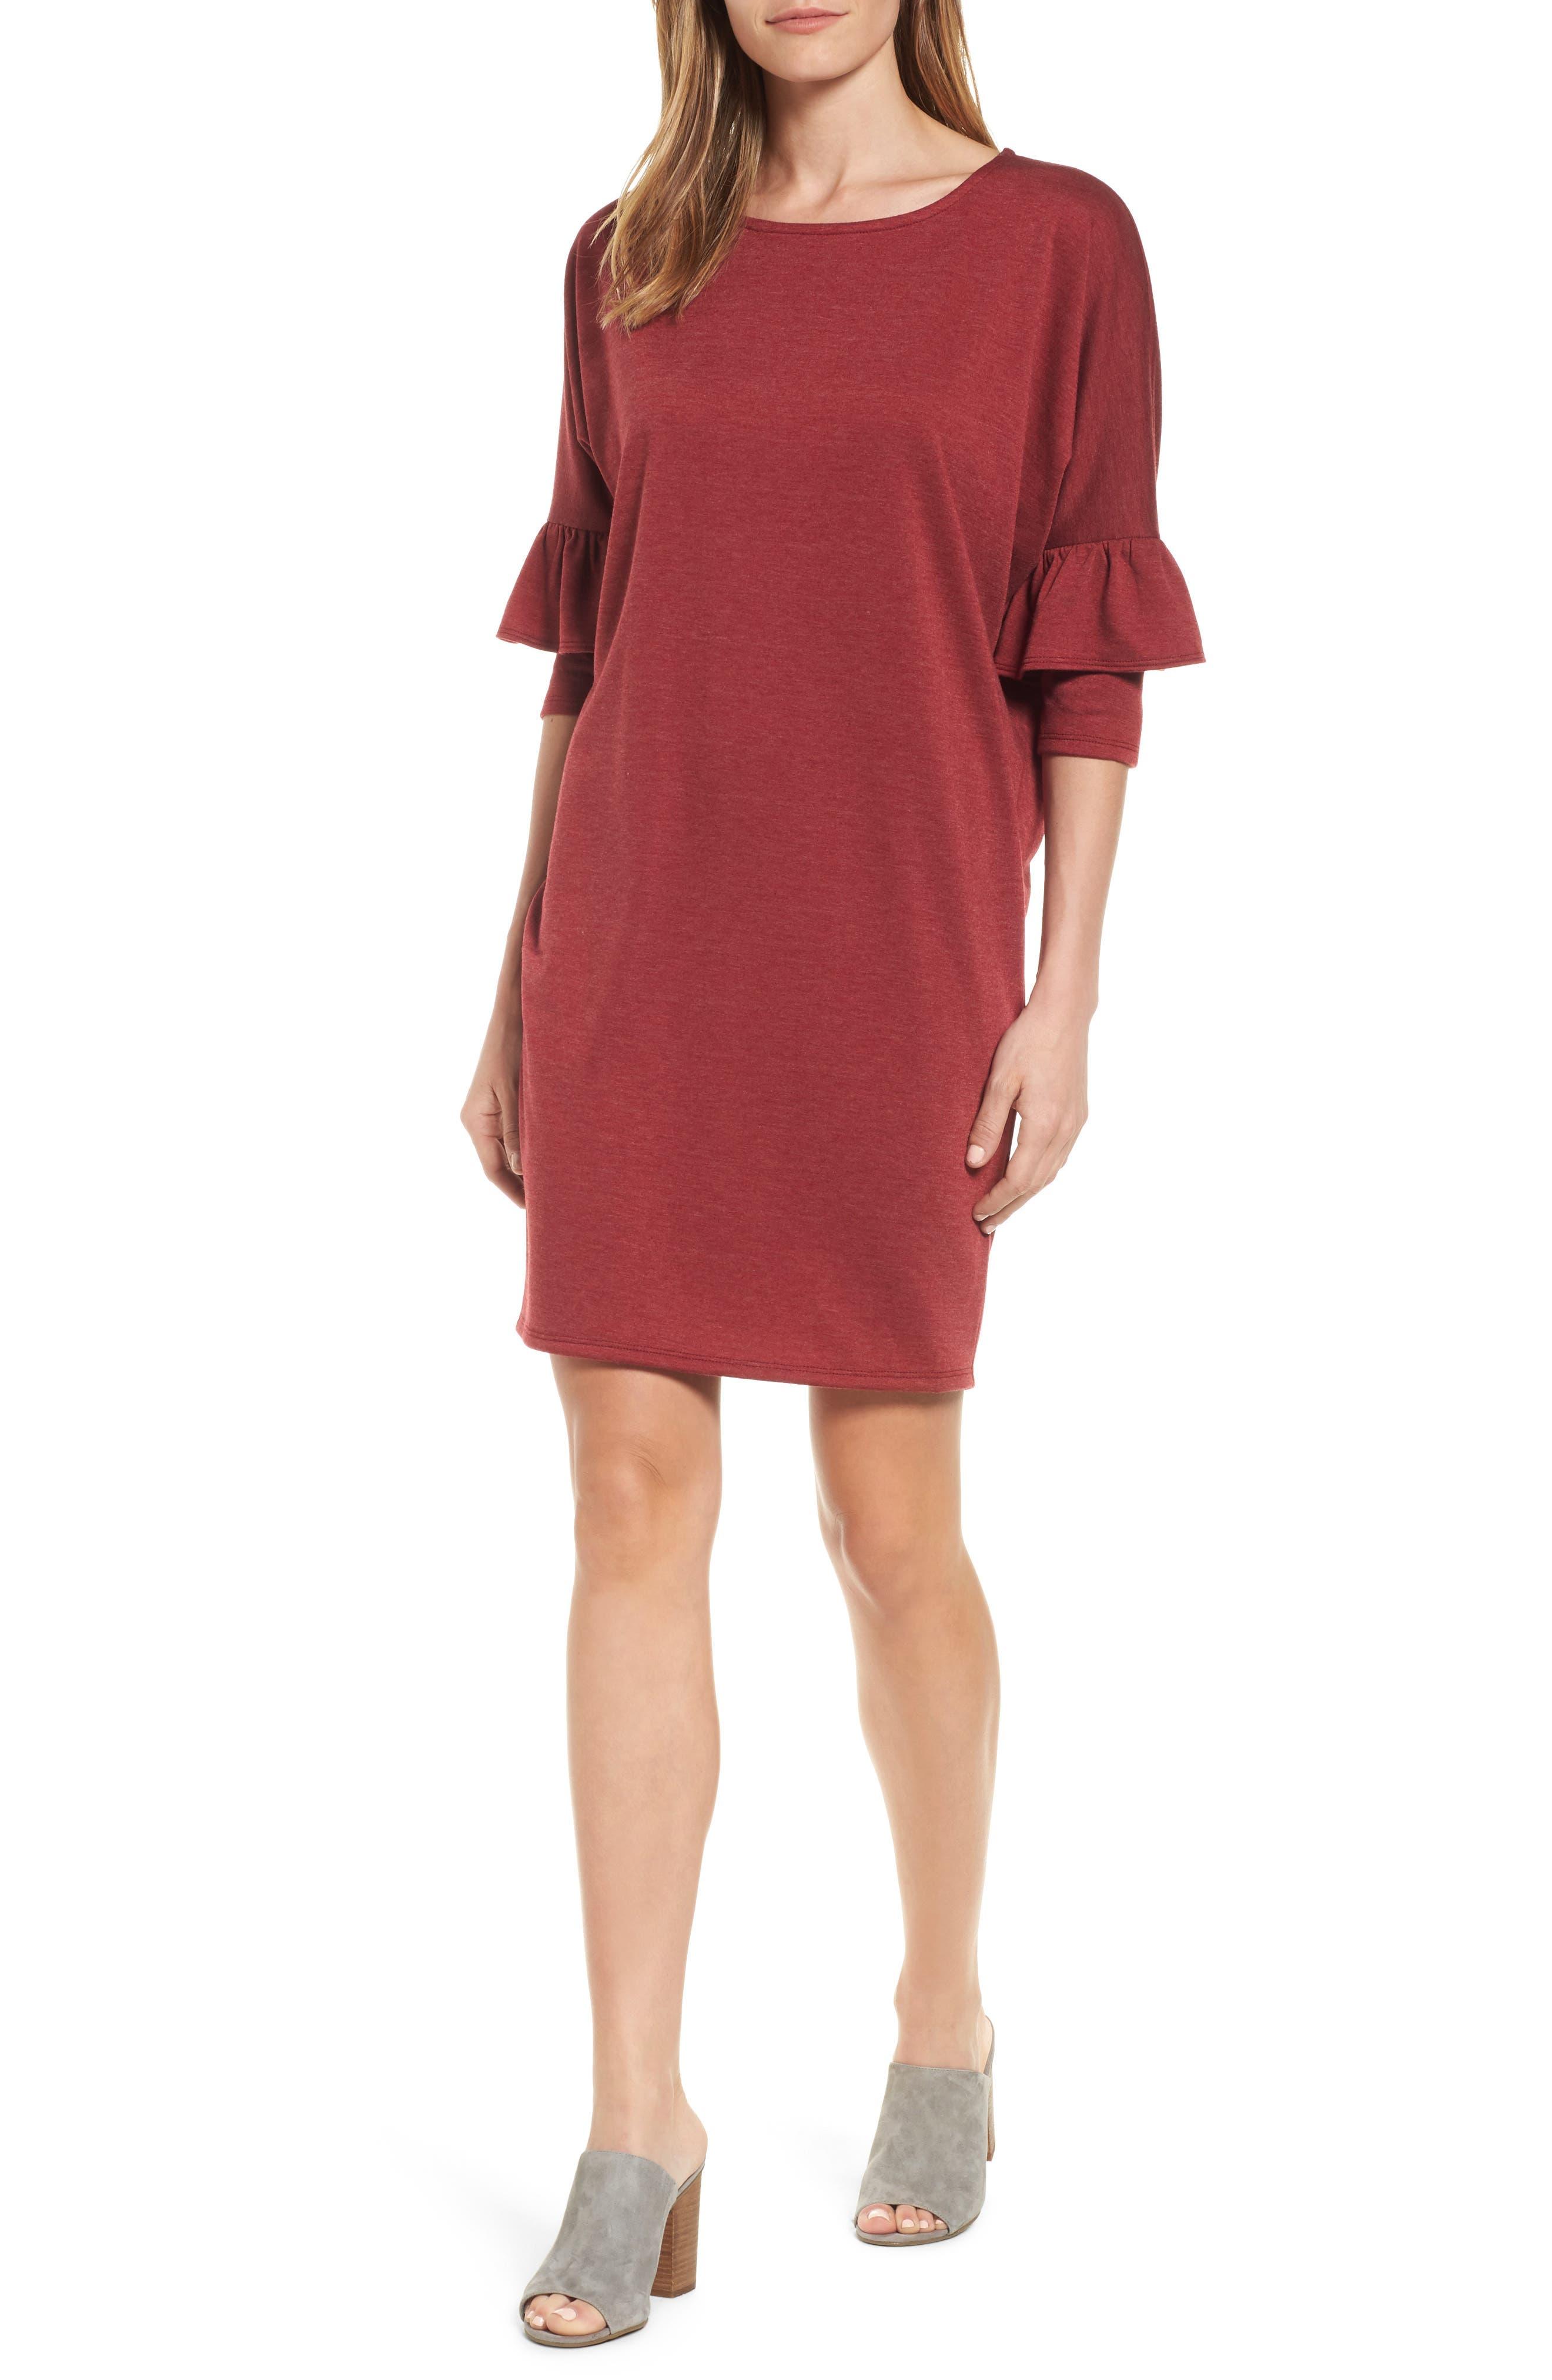 BOBEAU Ruffle Sleeve Tunic Dress